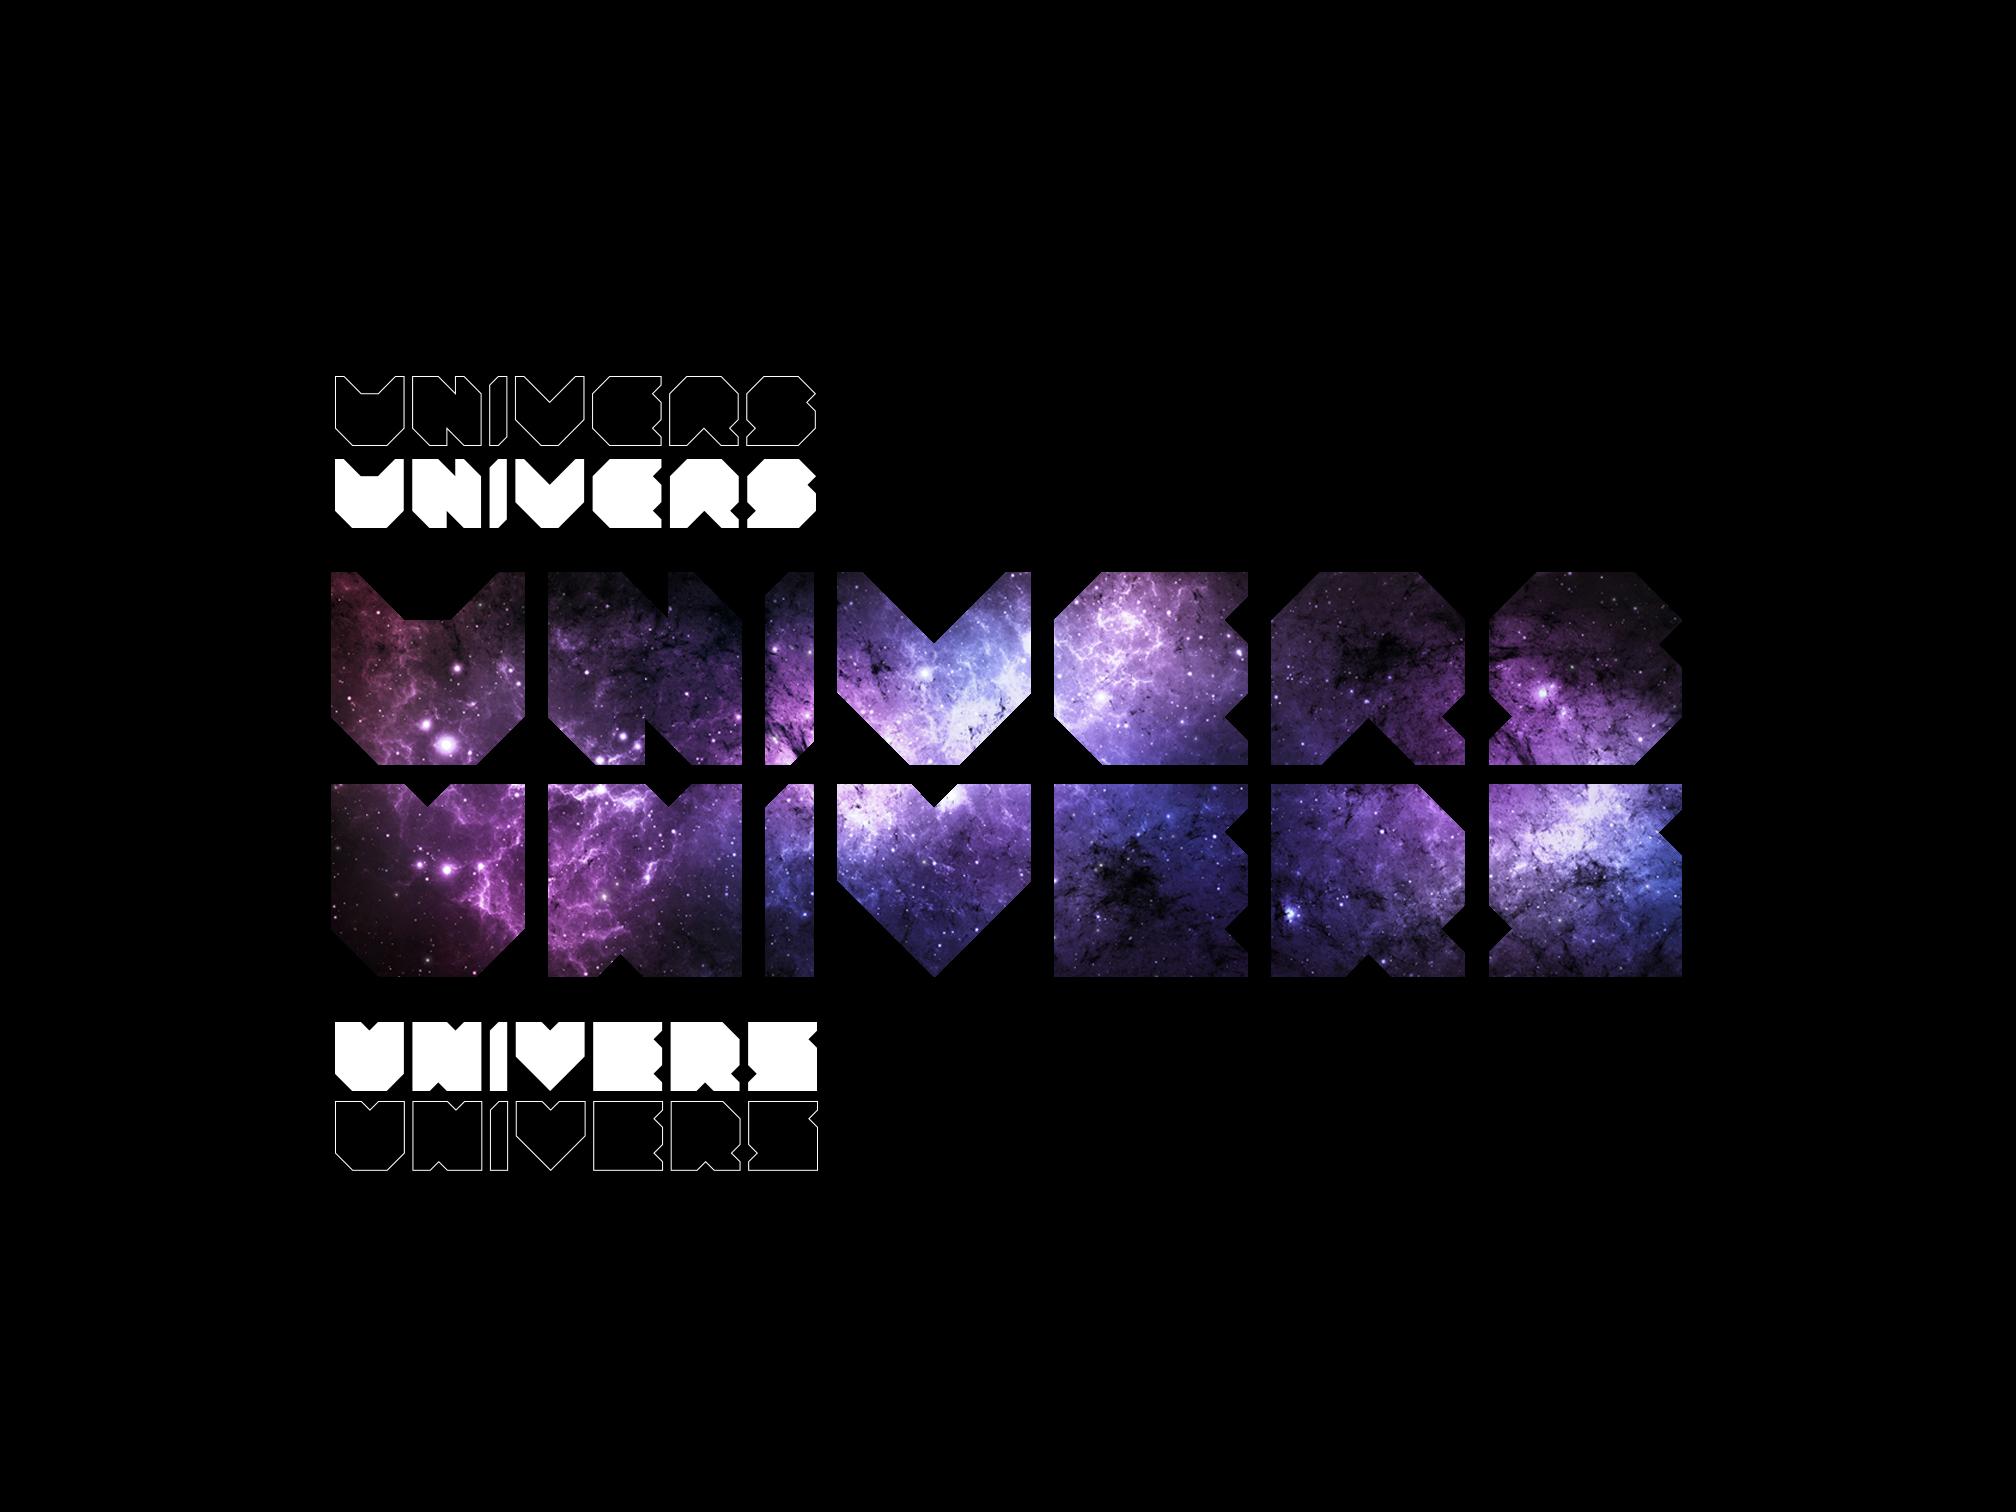 Typographie Univers